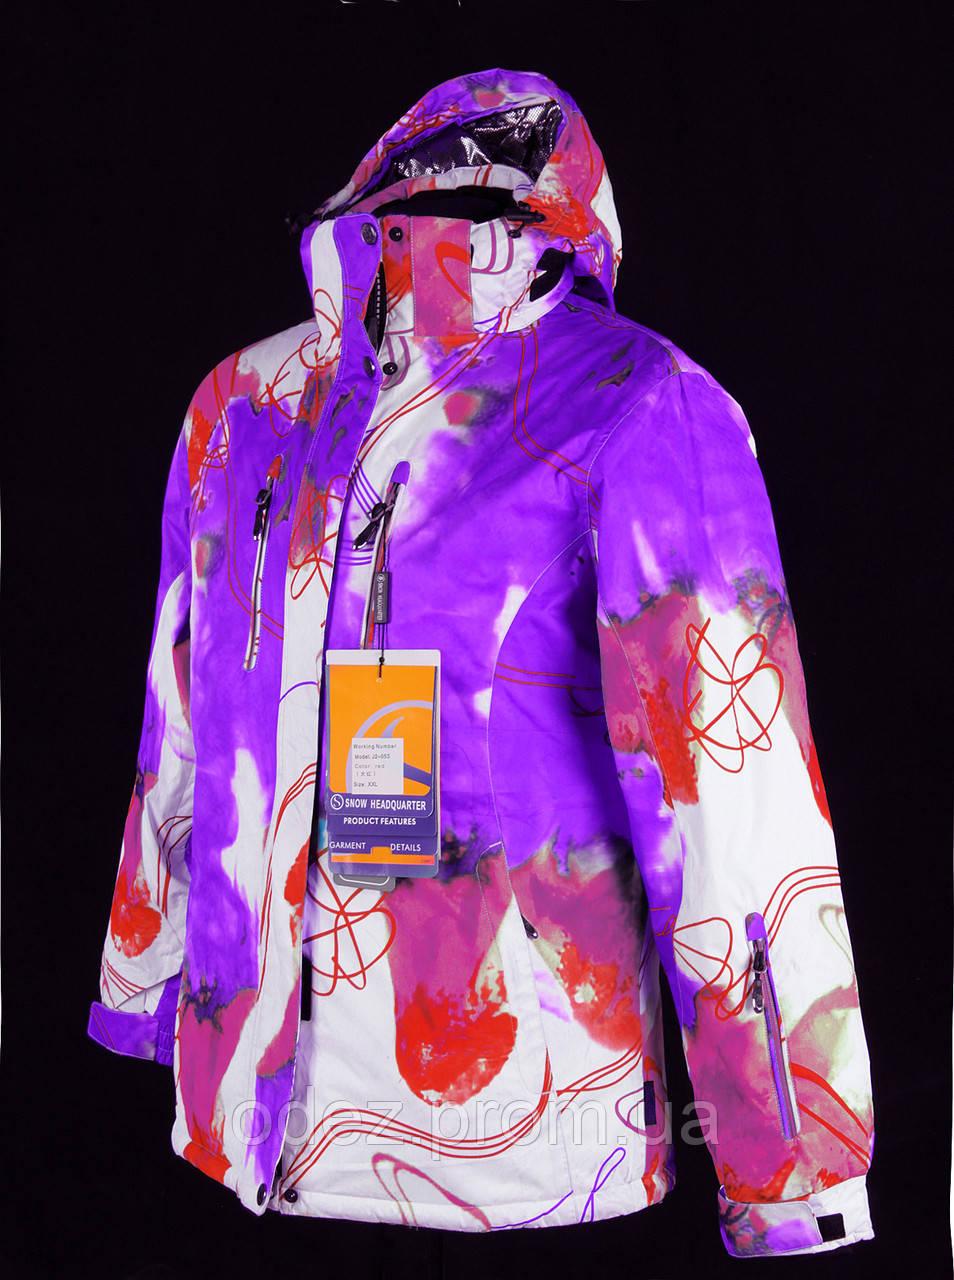 b77d5c381e4 Женский горнолыжный (лыжный) костюм Snow headquarter c Omni-Heat - Интернет -магазин